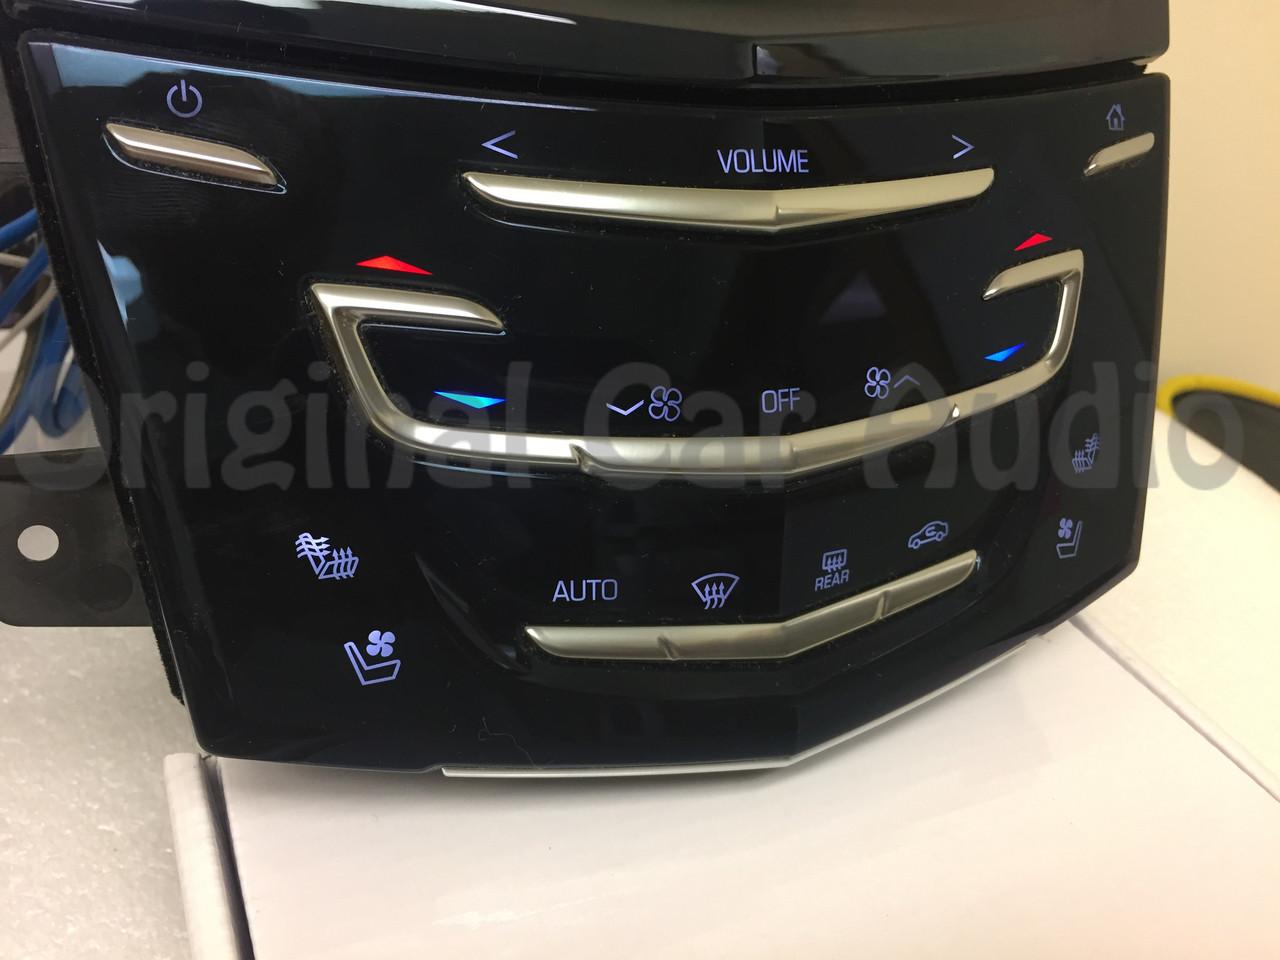 Used 2015 Cadillac Escalade >> 13-16 Cadillac ATS CTS XTS CUE Nav Touch Screen Control